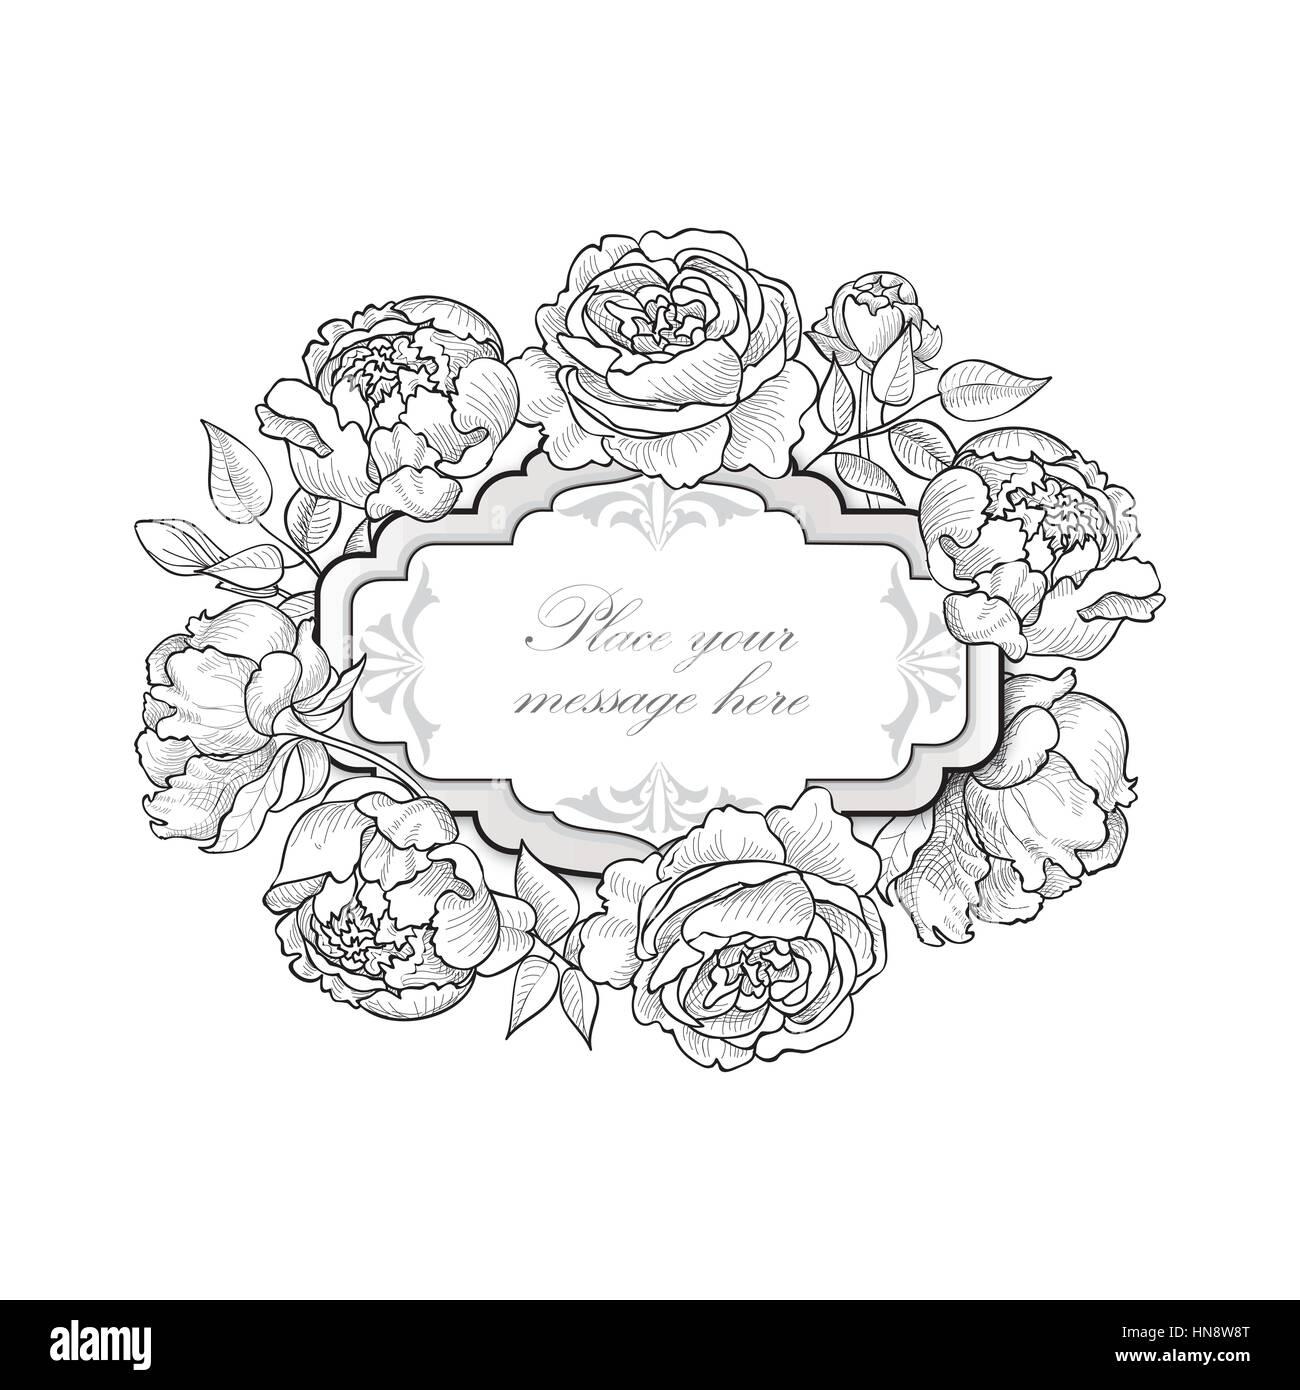 flower frame floral border vintage flourish background